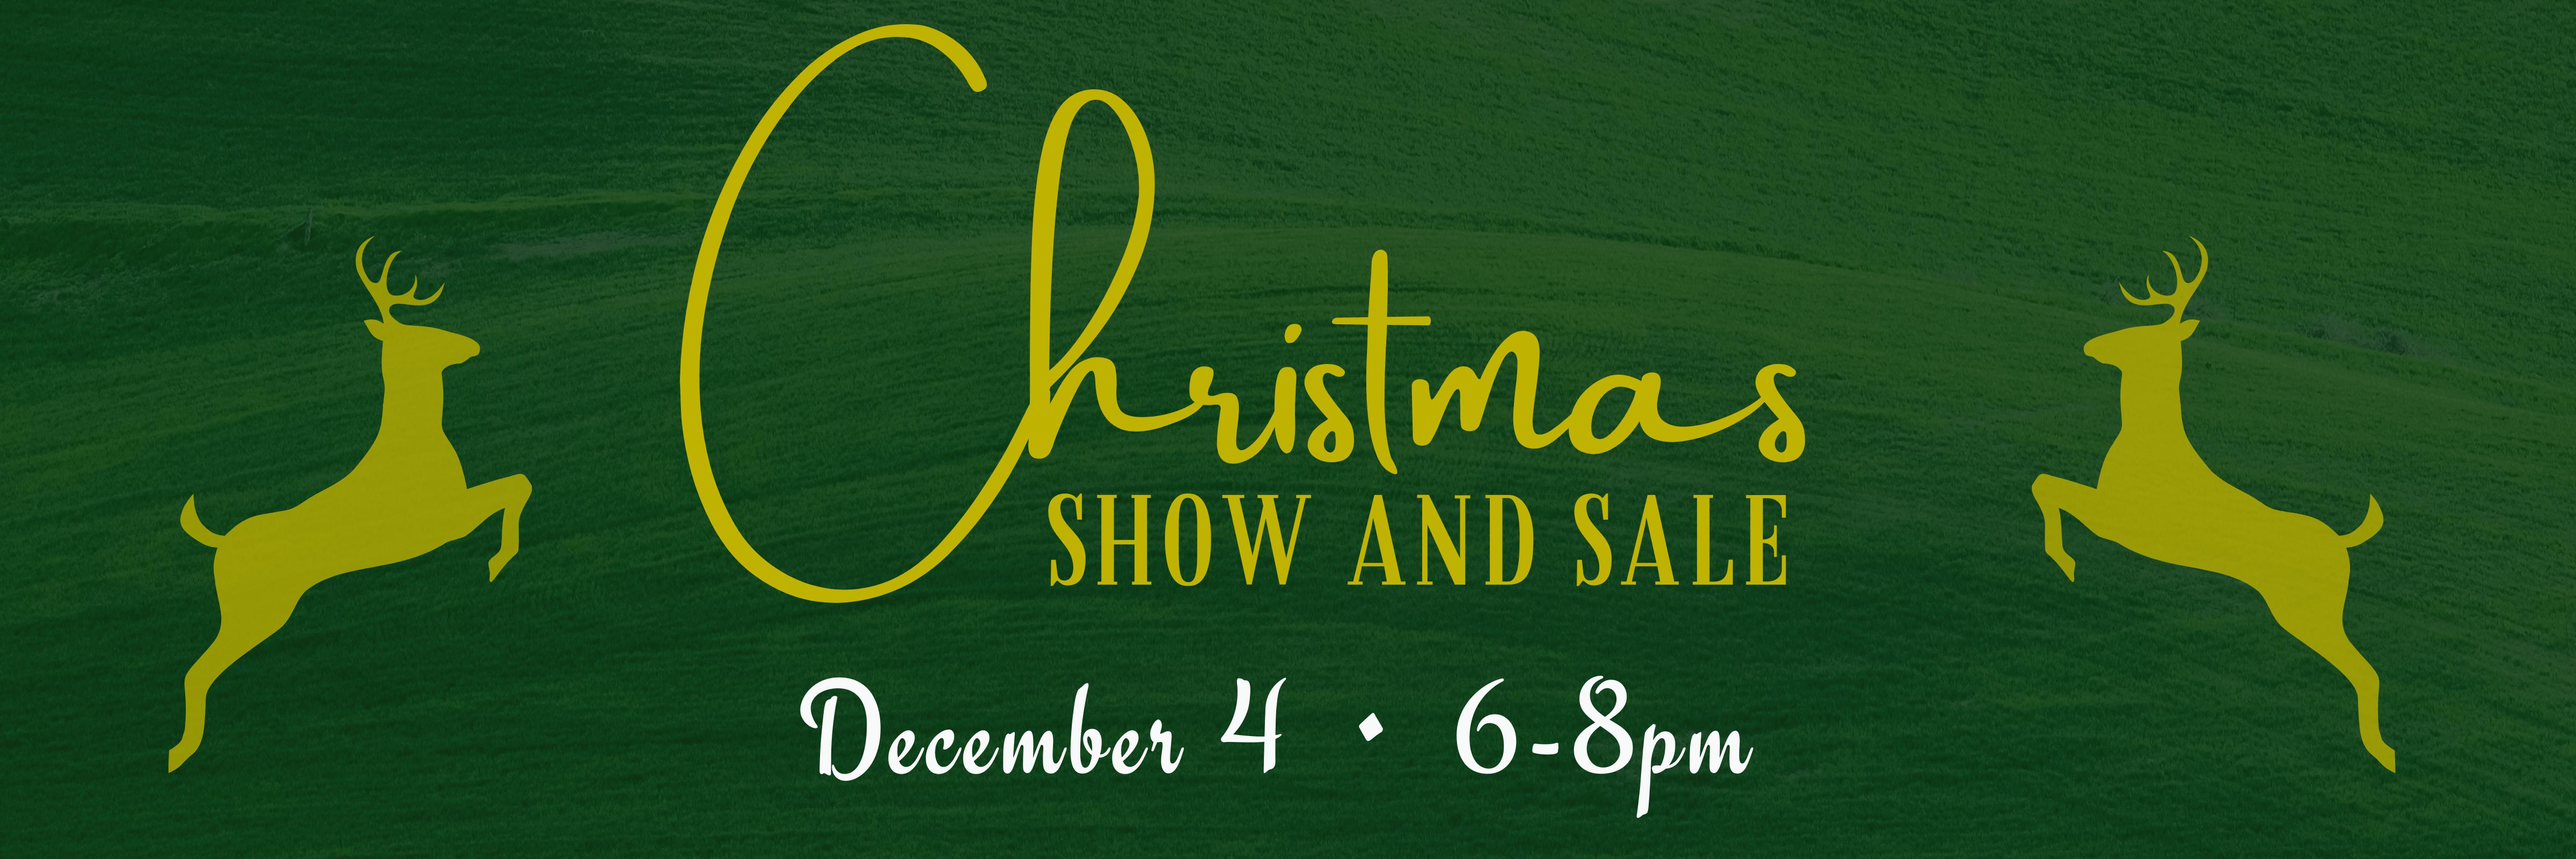 christmas show and sale